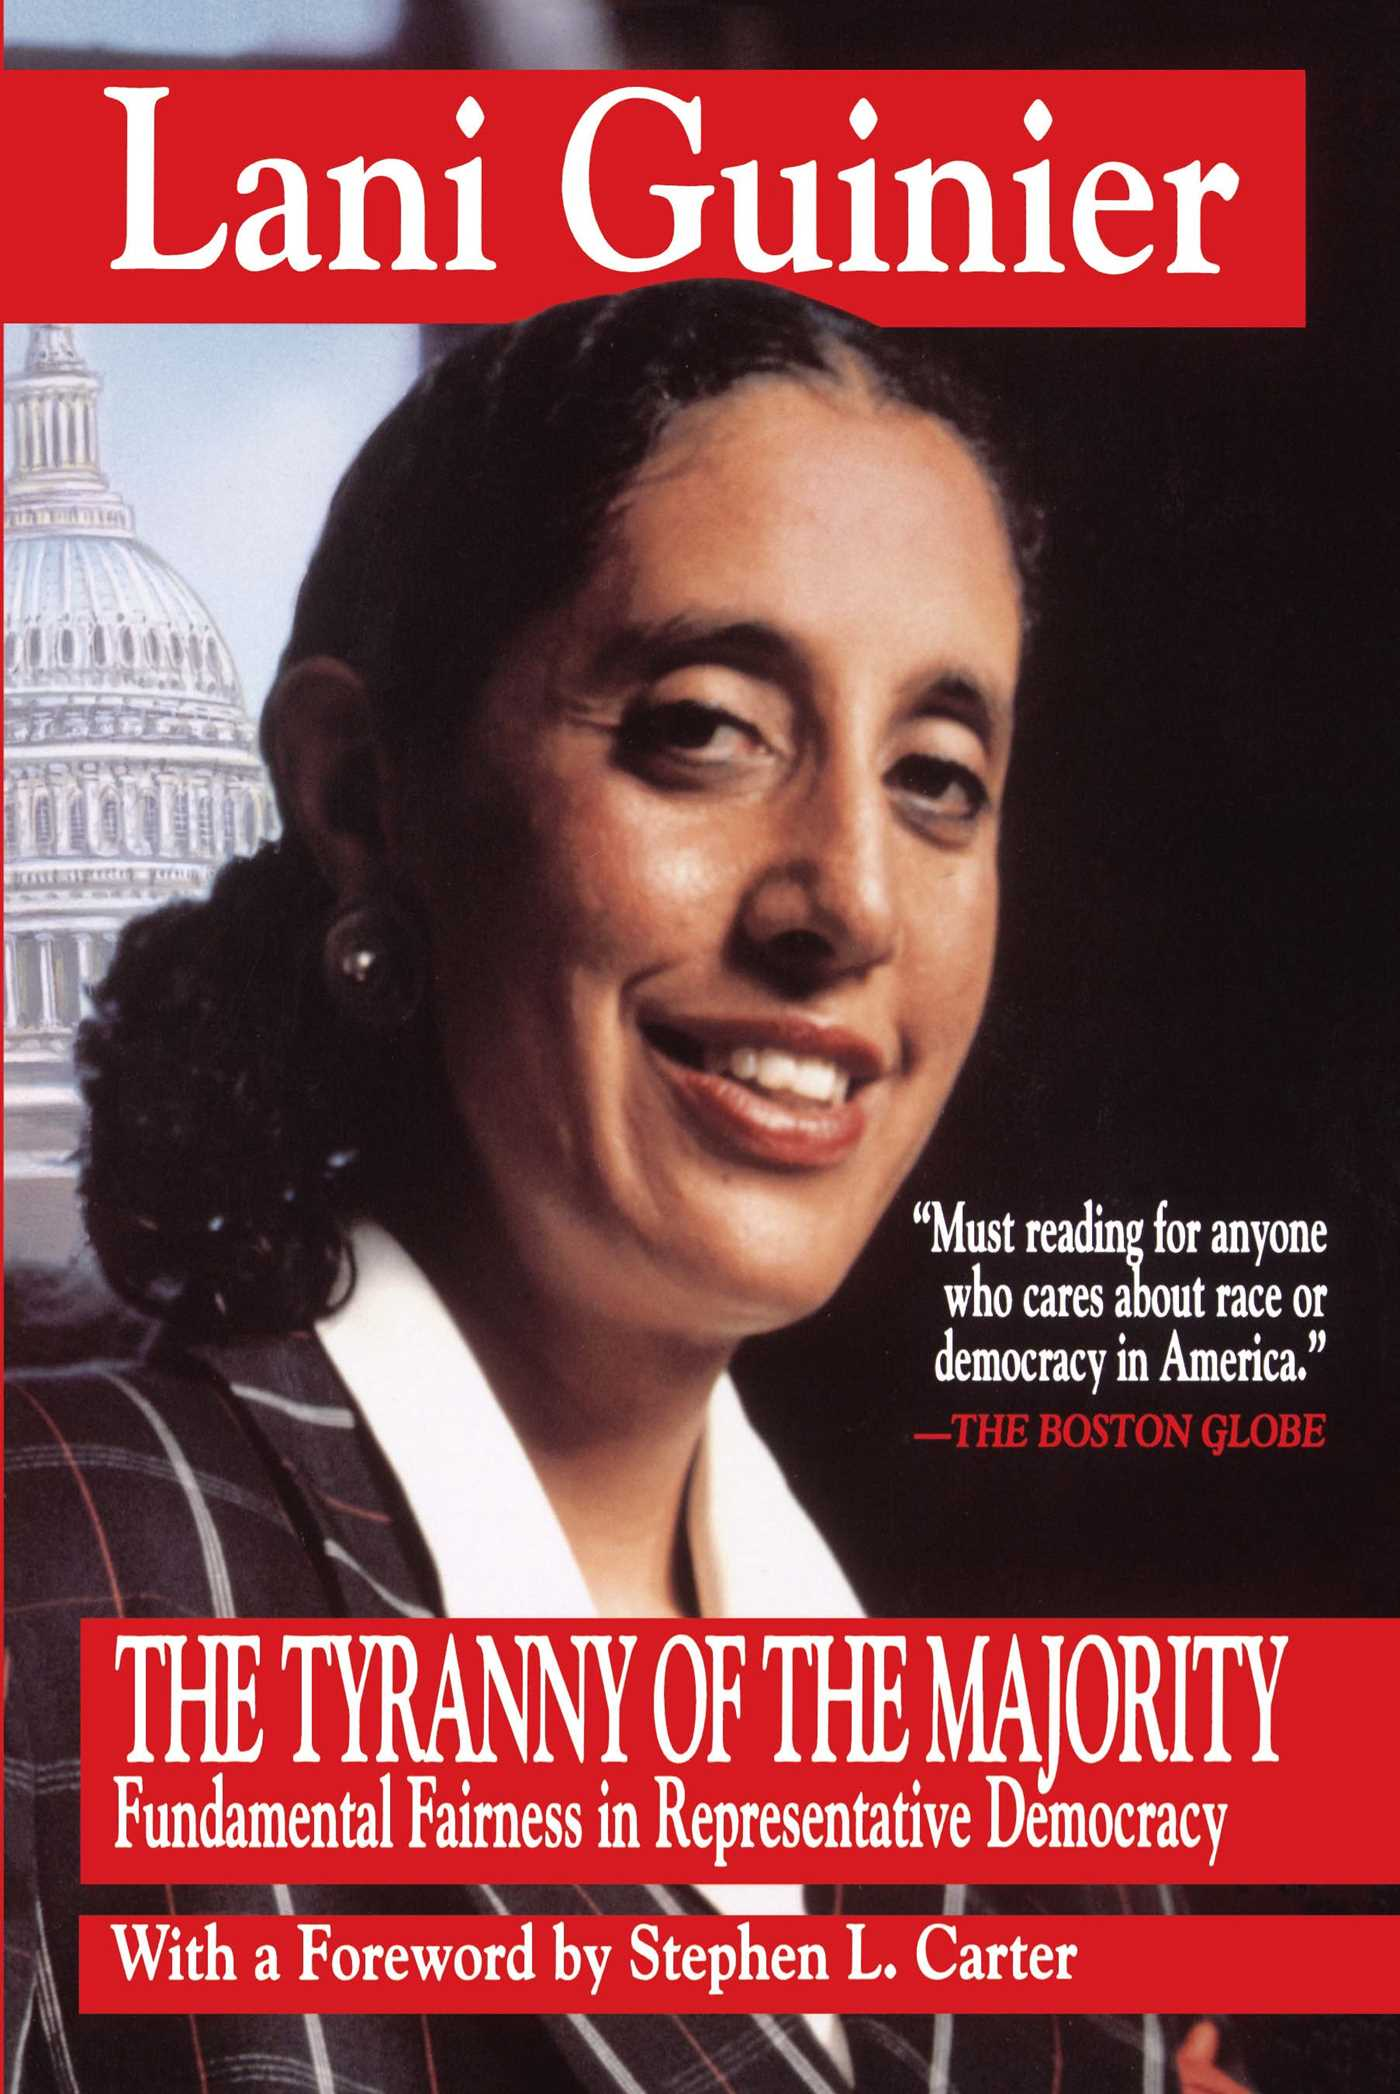 the tyranny of the majority by lani guinier essay